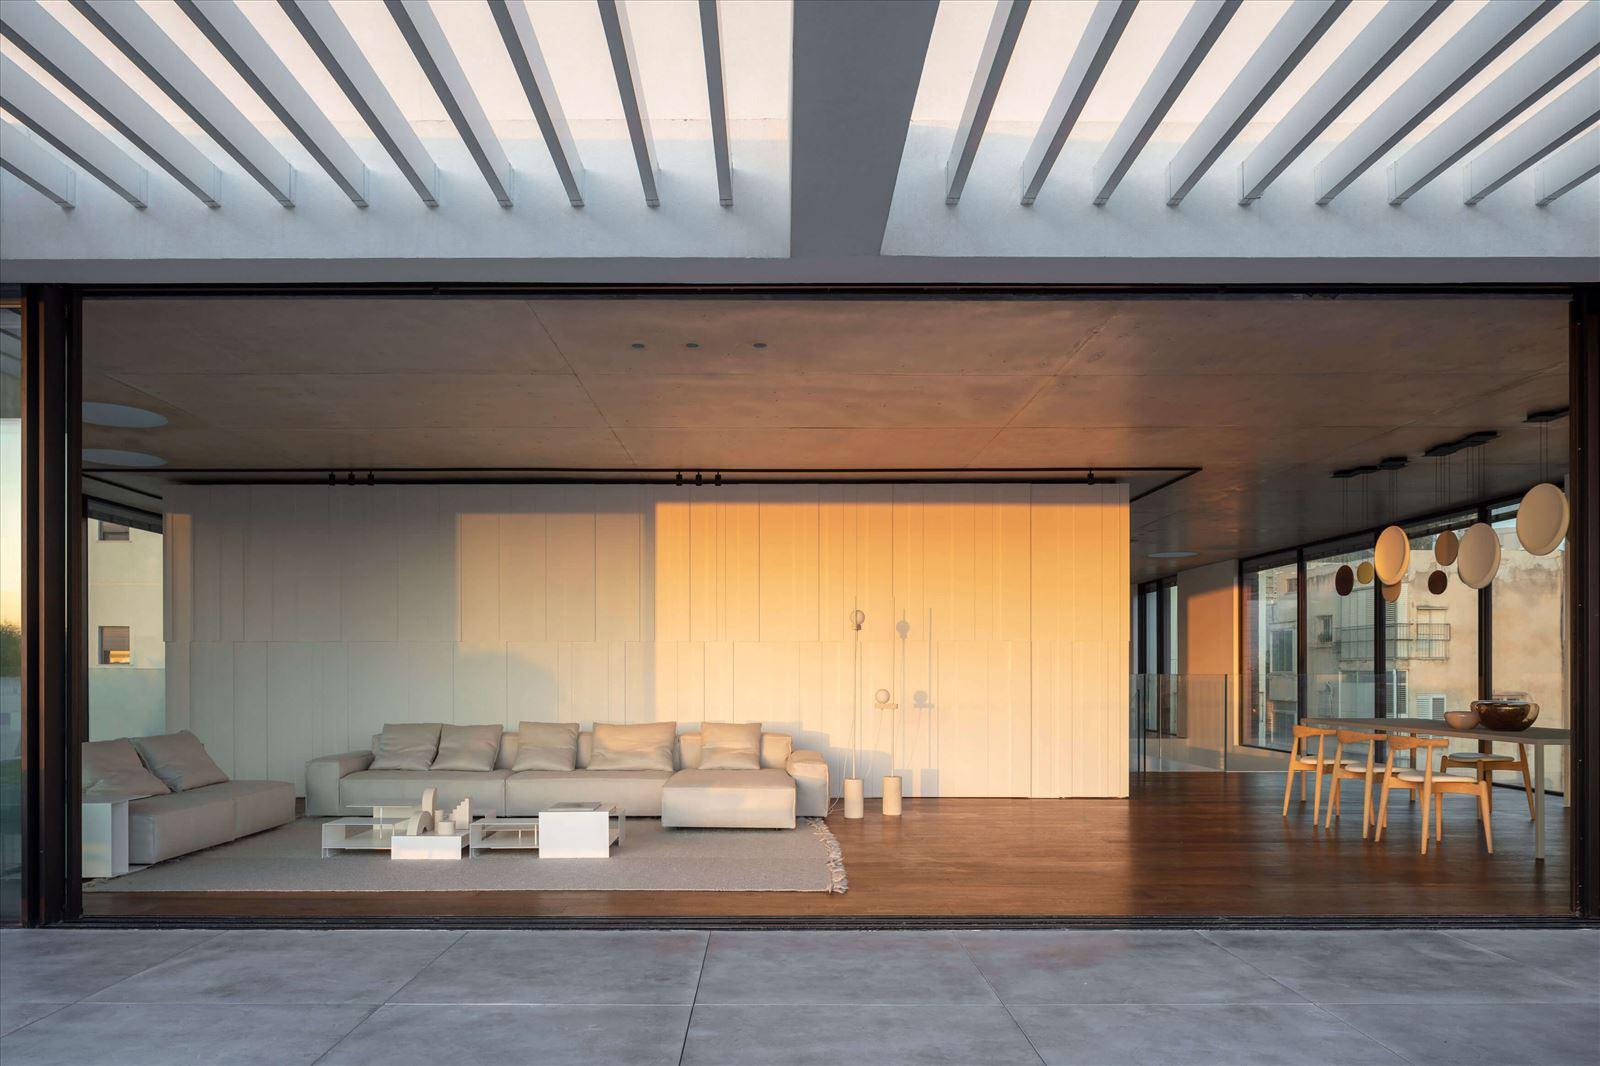 פרויקט תאורה בסלון מבית קמחי תאורה